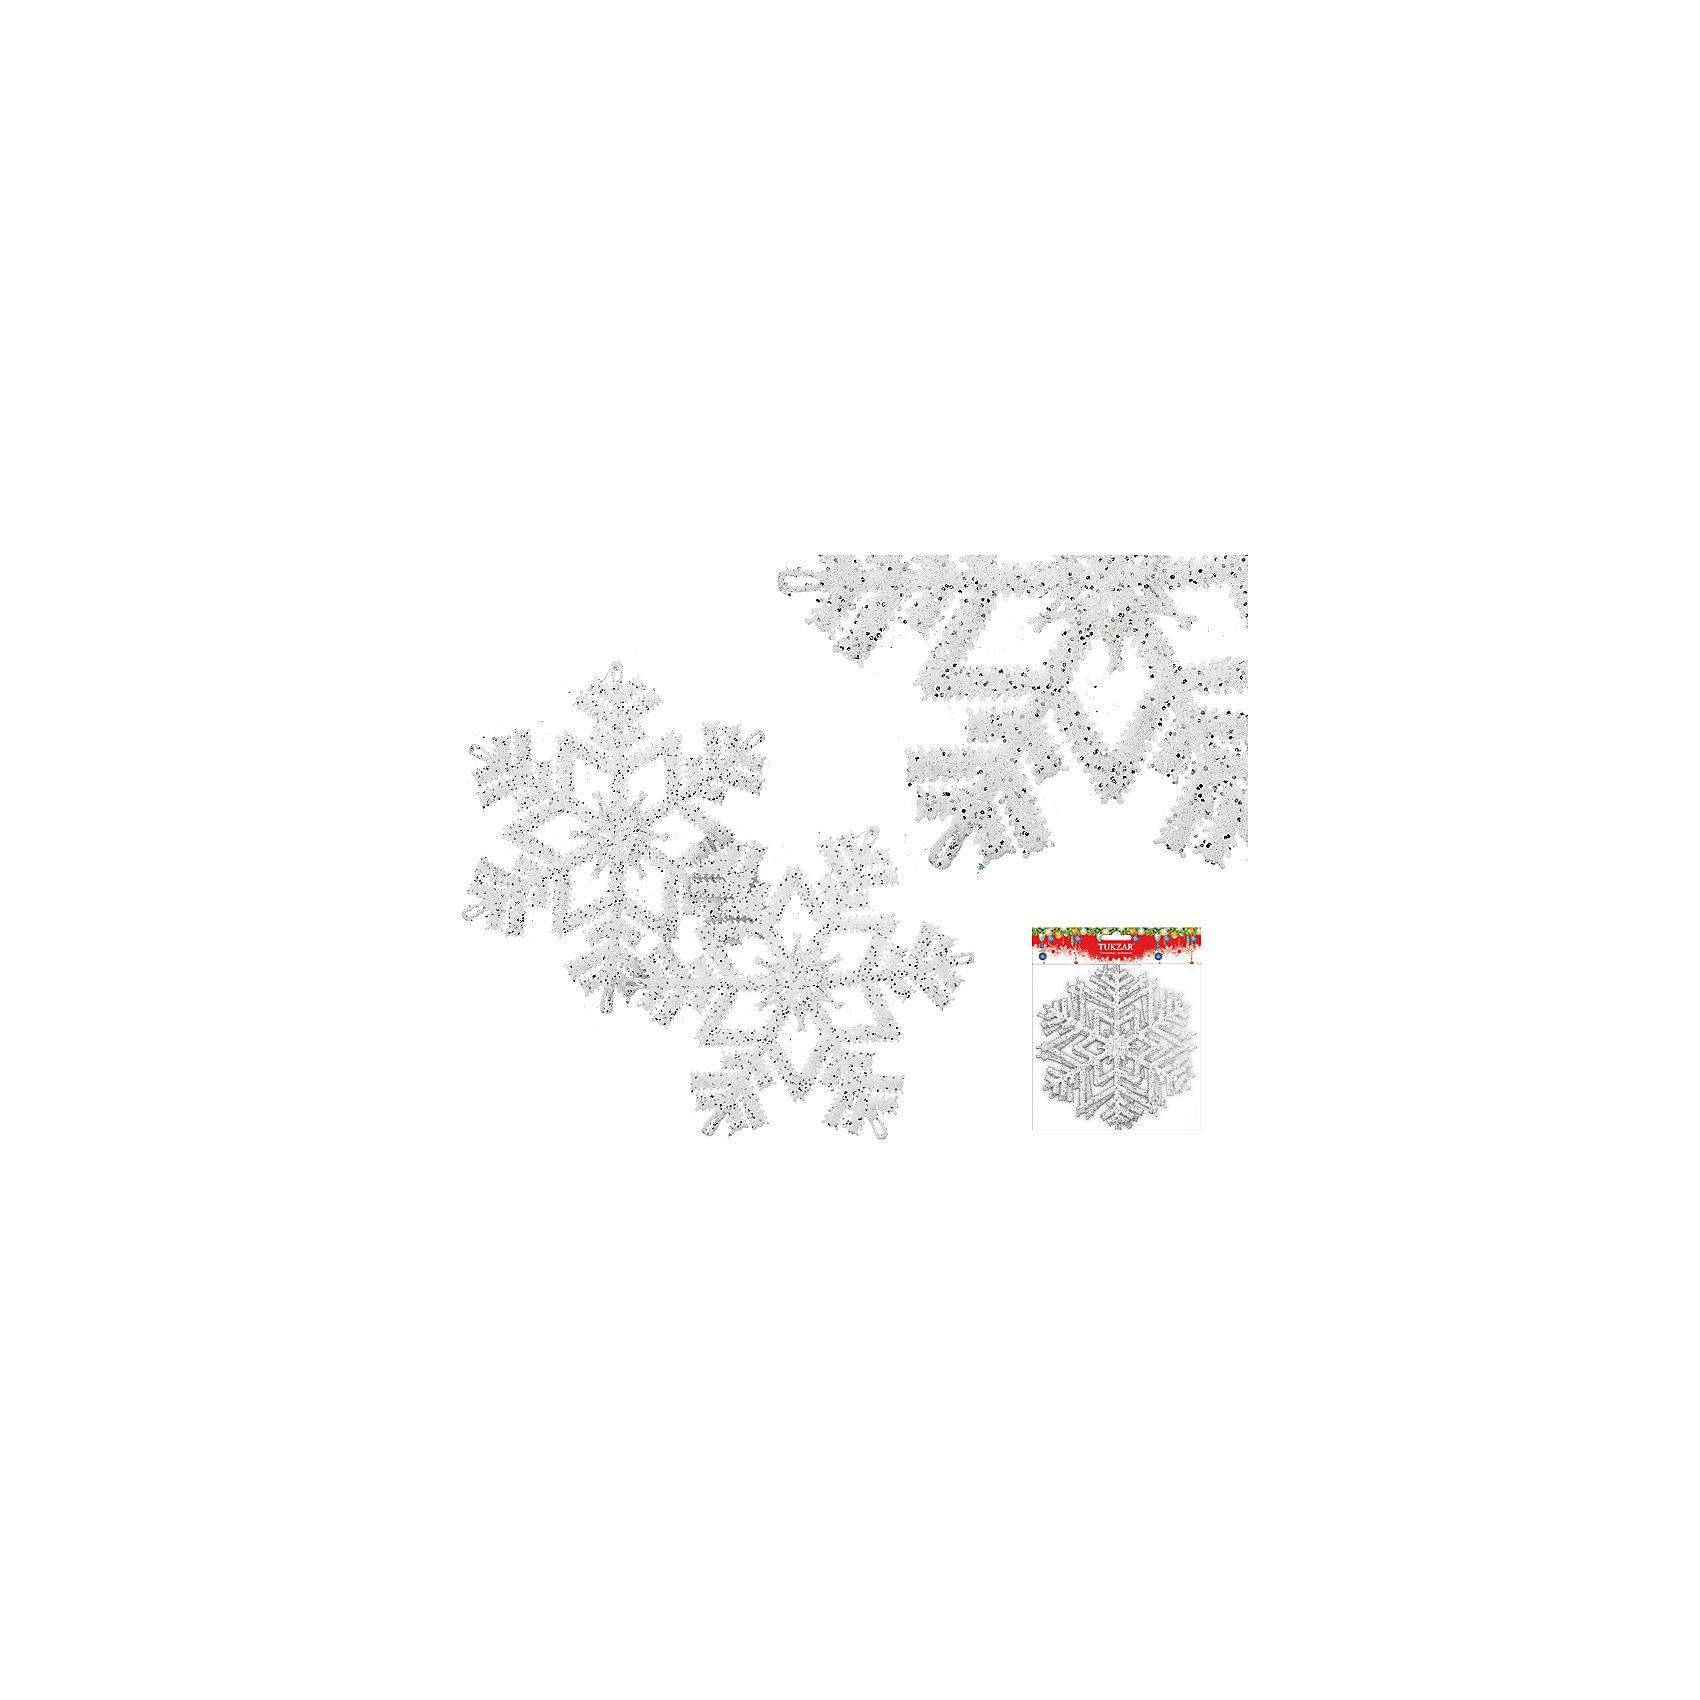 Набор украшений Снежинки с блестками (2 шт), диаметр 16 смВсё для праздника<br>Набор украшений Снежинки с блестками (2 шт), диаметр 16 см - этот новогодний аксессуар создаст праздничное настроение.<br>Набор украшений Снежинки с блестками станет замечательным украшением интерьера и поможет создать волшебную атмосферу праздника. Пластиковые снежинки белого цвета, декорированные блестками, будут прекрасно смотреться на новогодней елке, и радовать детей и взрослых.<br><br>Дополнительная информация:<br><br>- В наборе: 2 шт.<br>- Диаметр: 16 см.<br>- Материал: пластик<br>- Цвет: белый<br><br>Набор украшений Снежинки с блестками (2 шт), диаметр 16 см можно купить в нашем интернет-магазине.<br><br>Ширина мм: 160<br>Глубина мм: 160<br>Высота мм: 10<br>Вес г: 100<br>Возраст от месяцев: 36<br>Возраст до месяцев: 2147483647<br>Пол: Унисекс<br>Возраст: Детский<br>SKU: 4437439